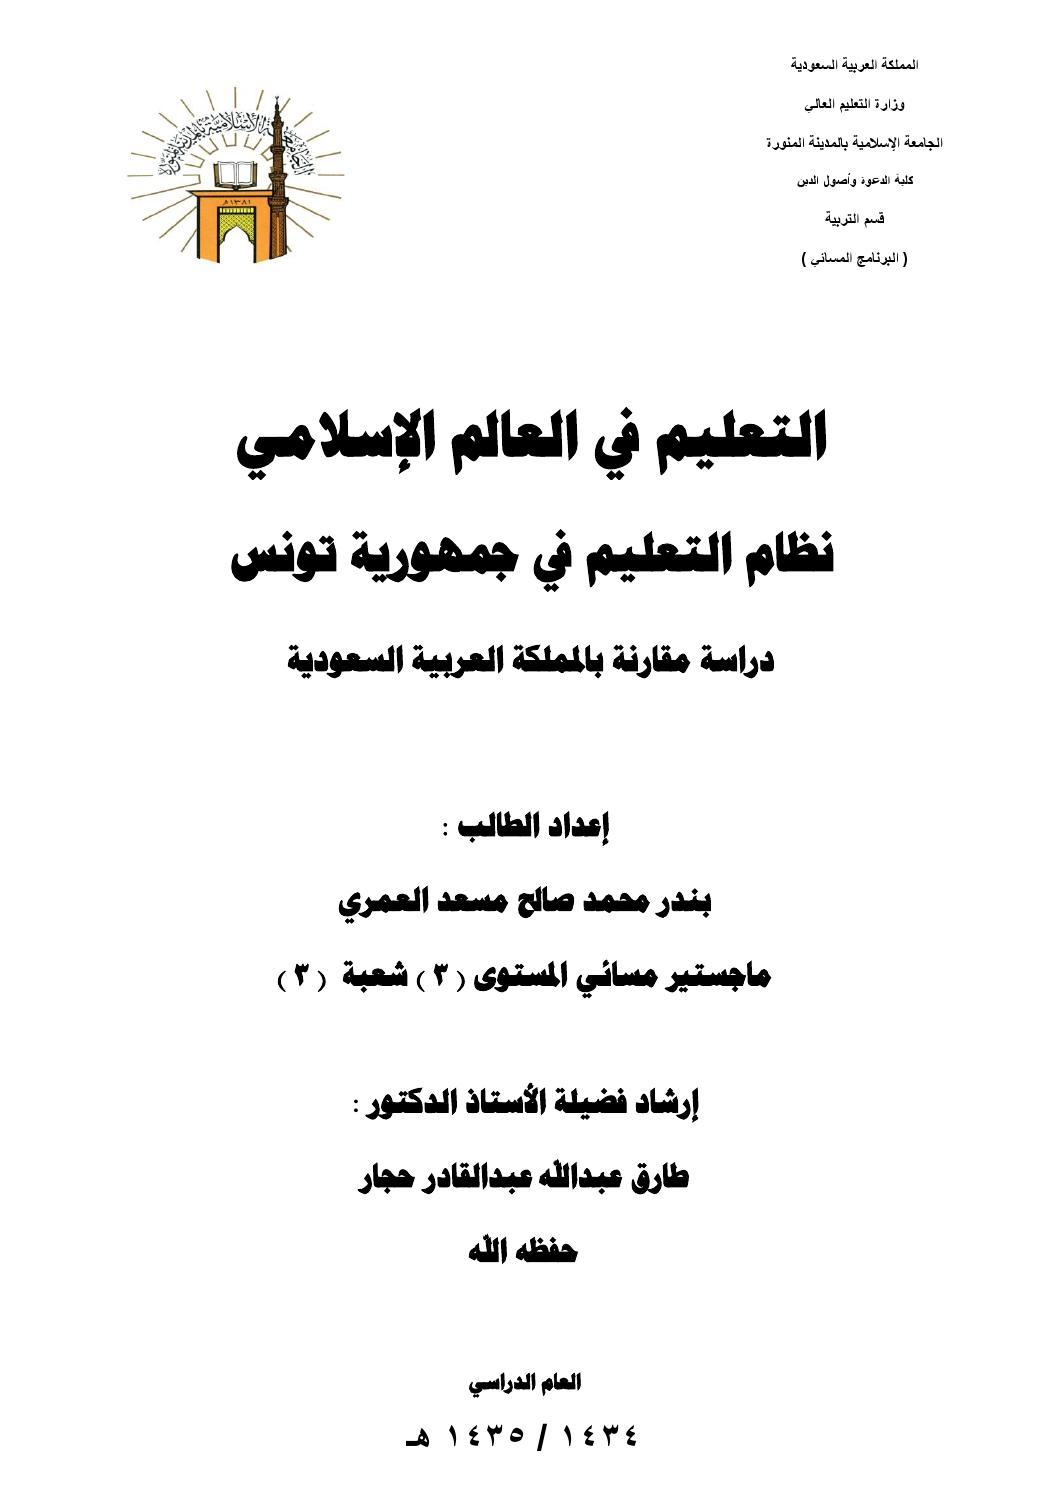 نظام القضاء في المملكة العربية السعودية pdf